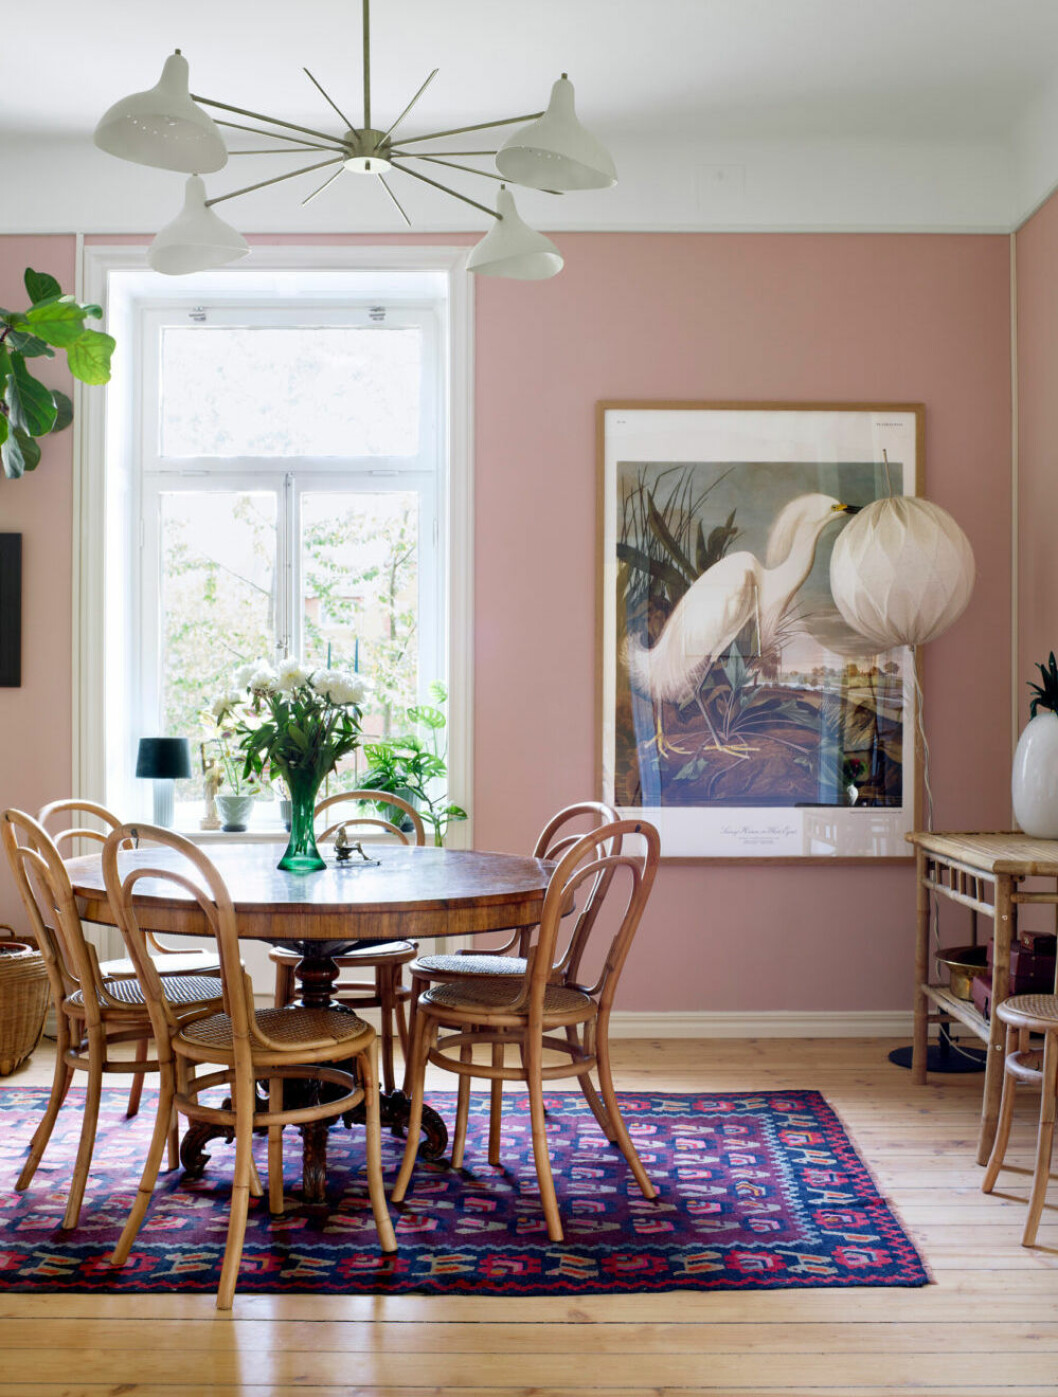 Rosa vardagsrum med matplats